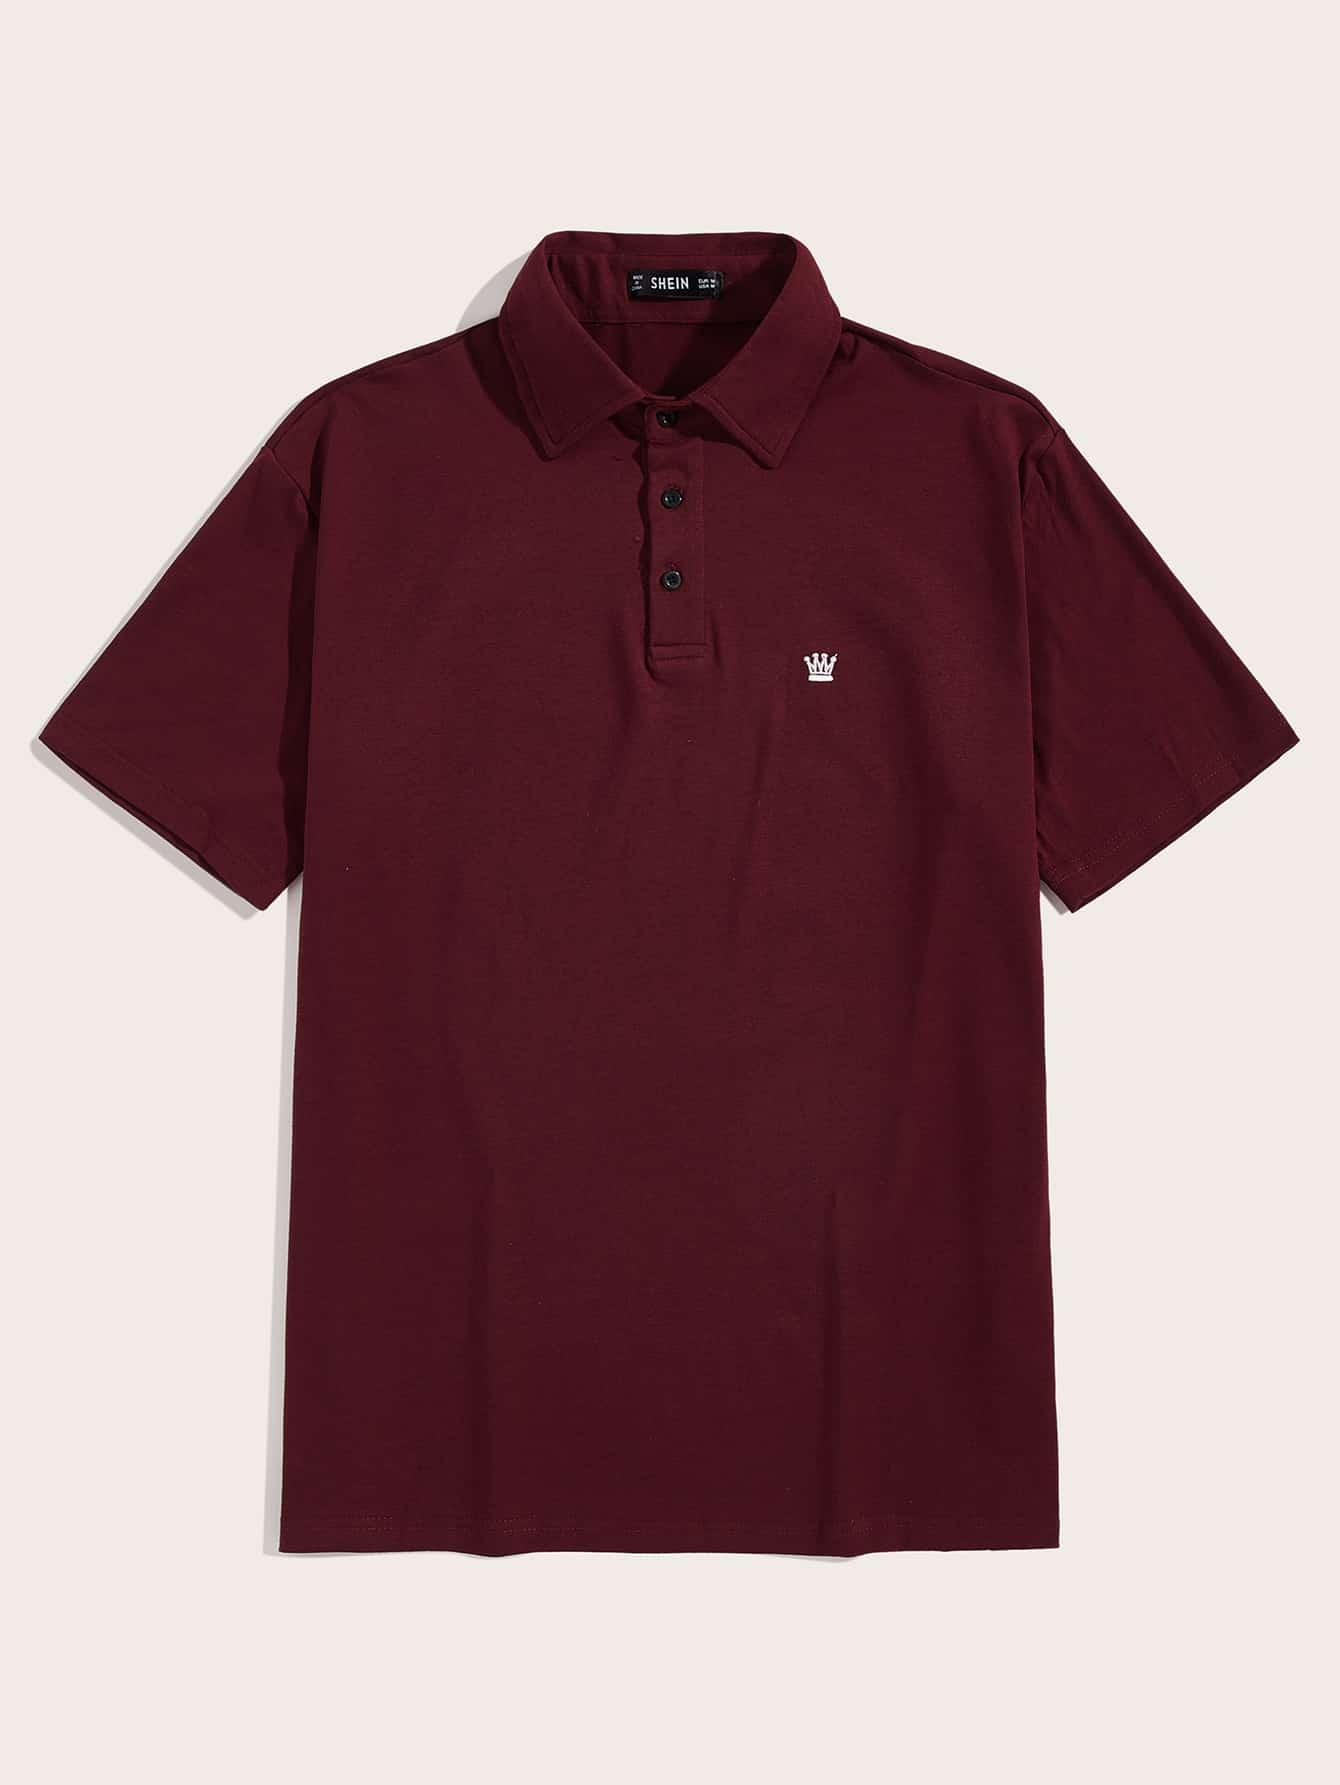 Фото - Мужская рубашка-поло с вышивкой от SheIn бордового цвета